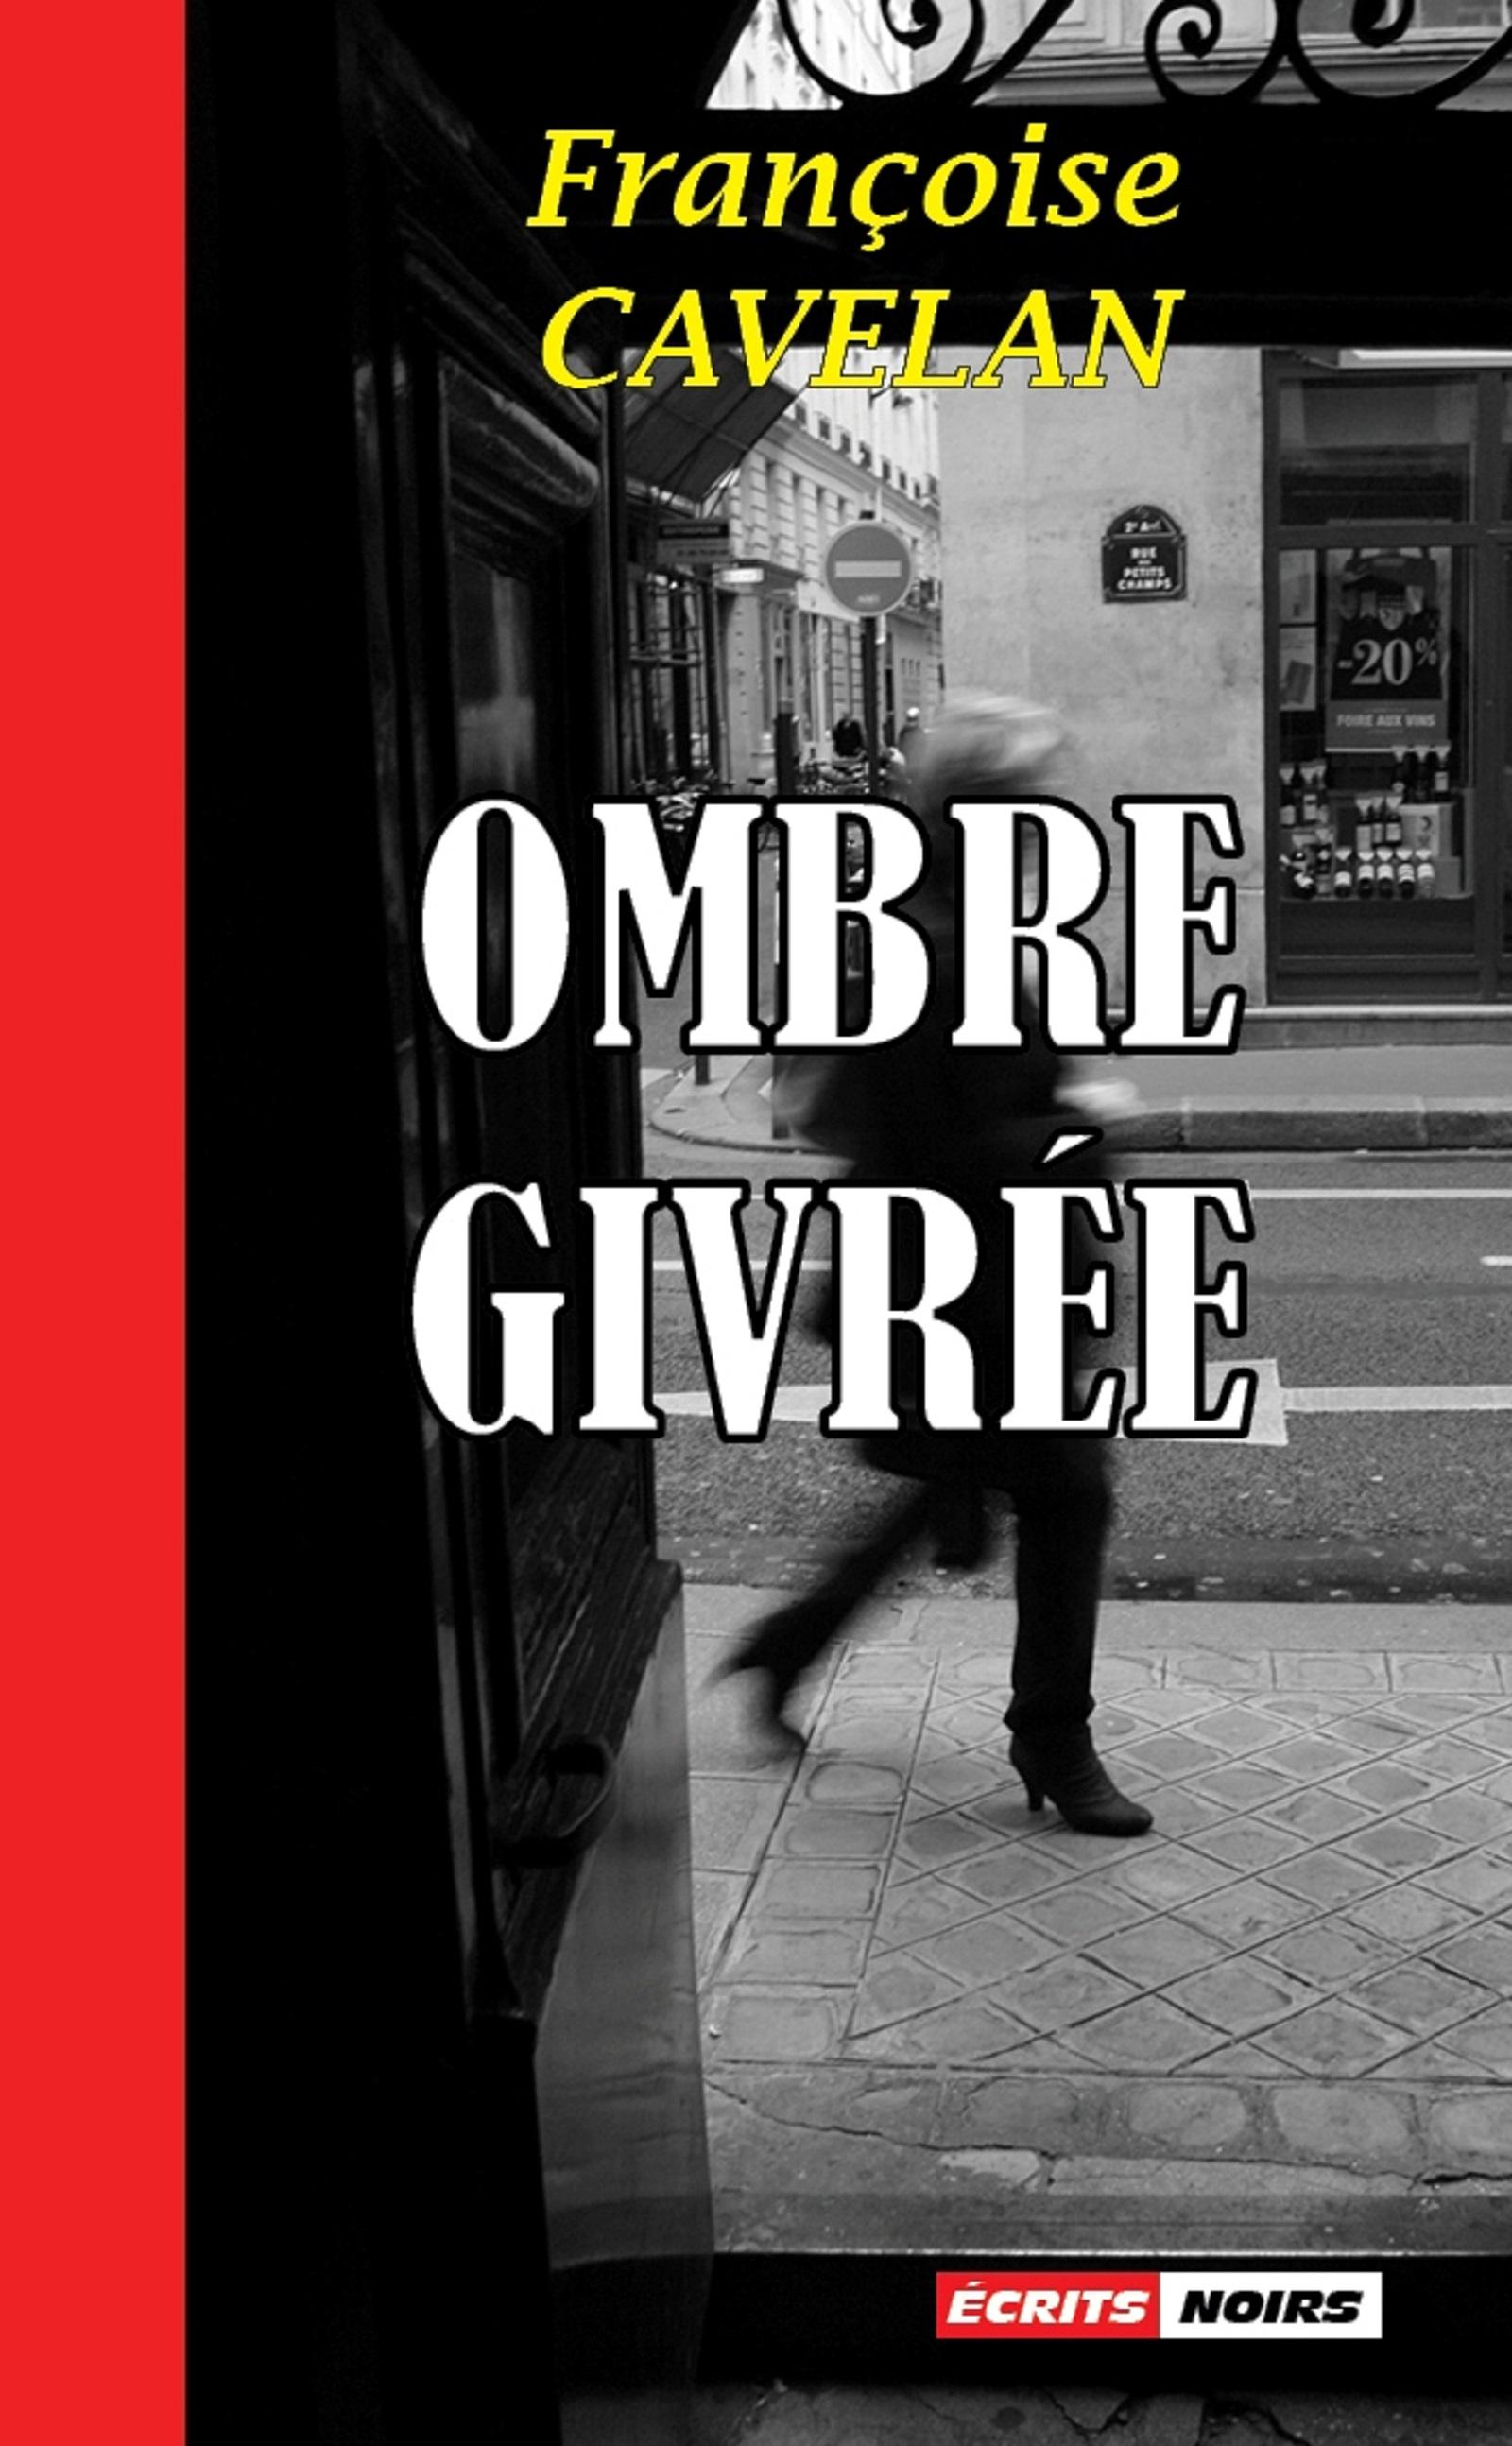 Ombre givrée, Un roman noir saisissant